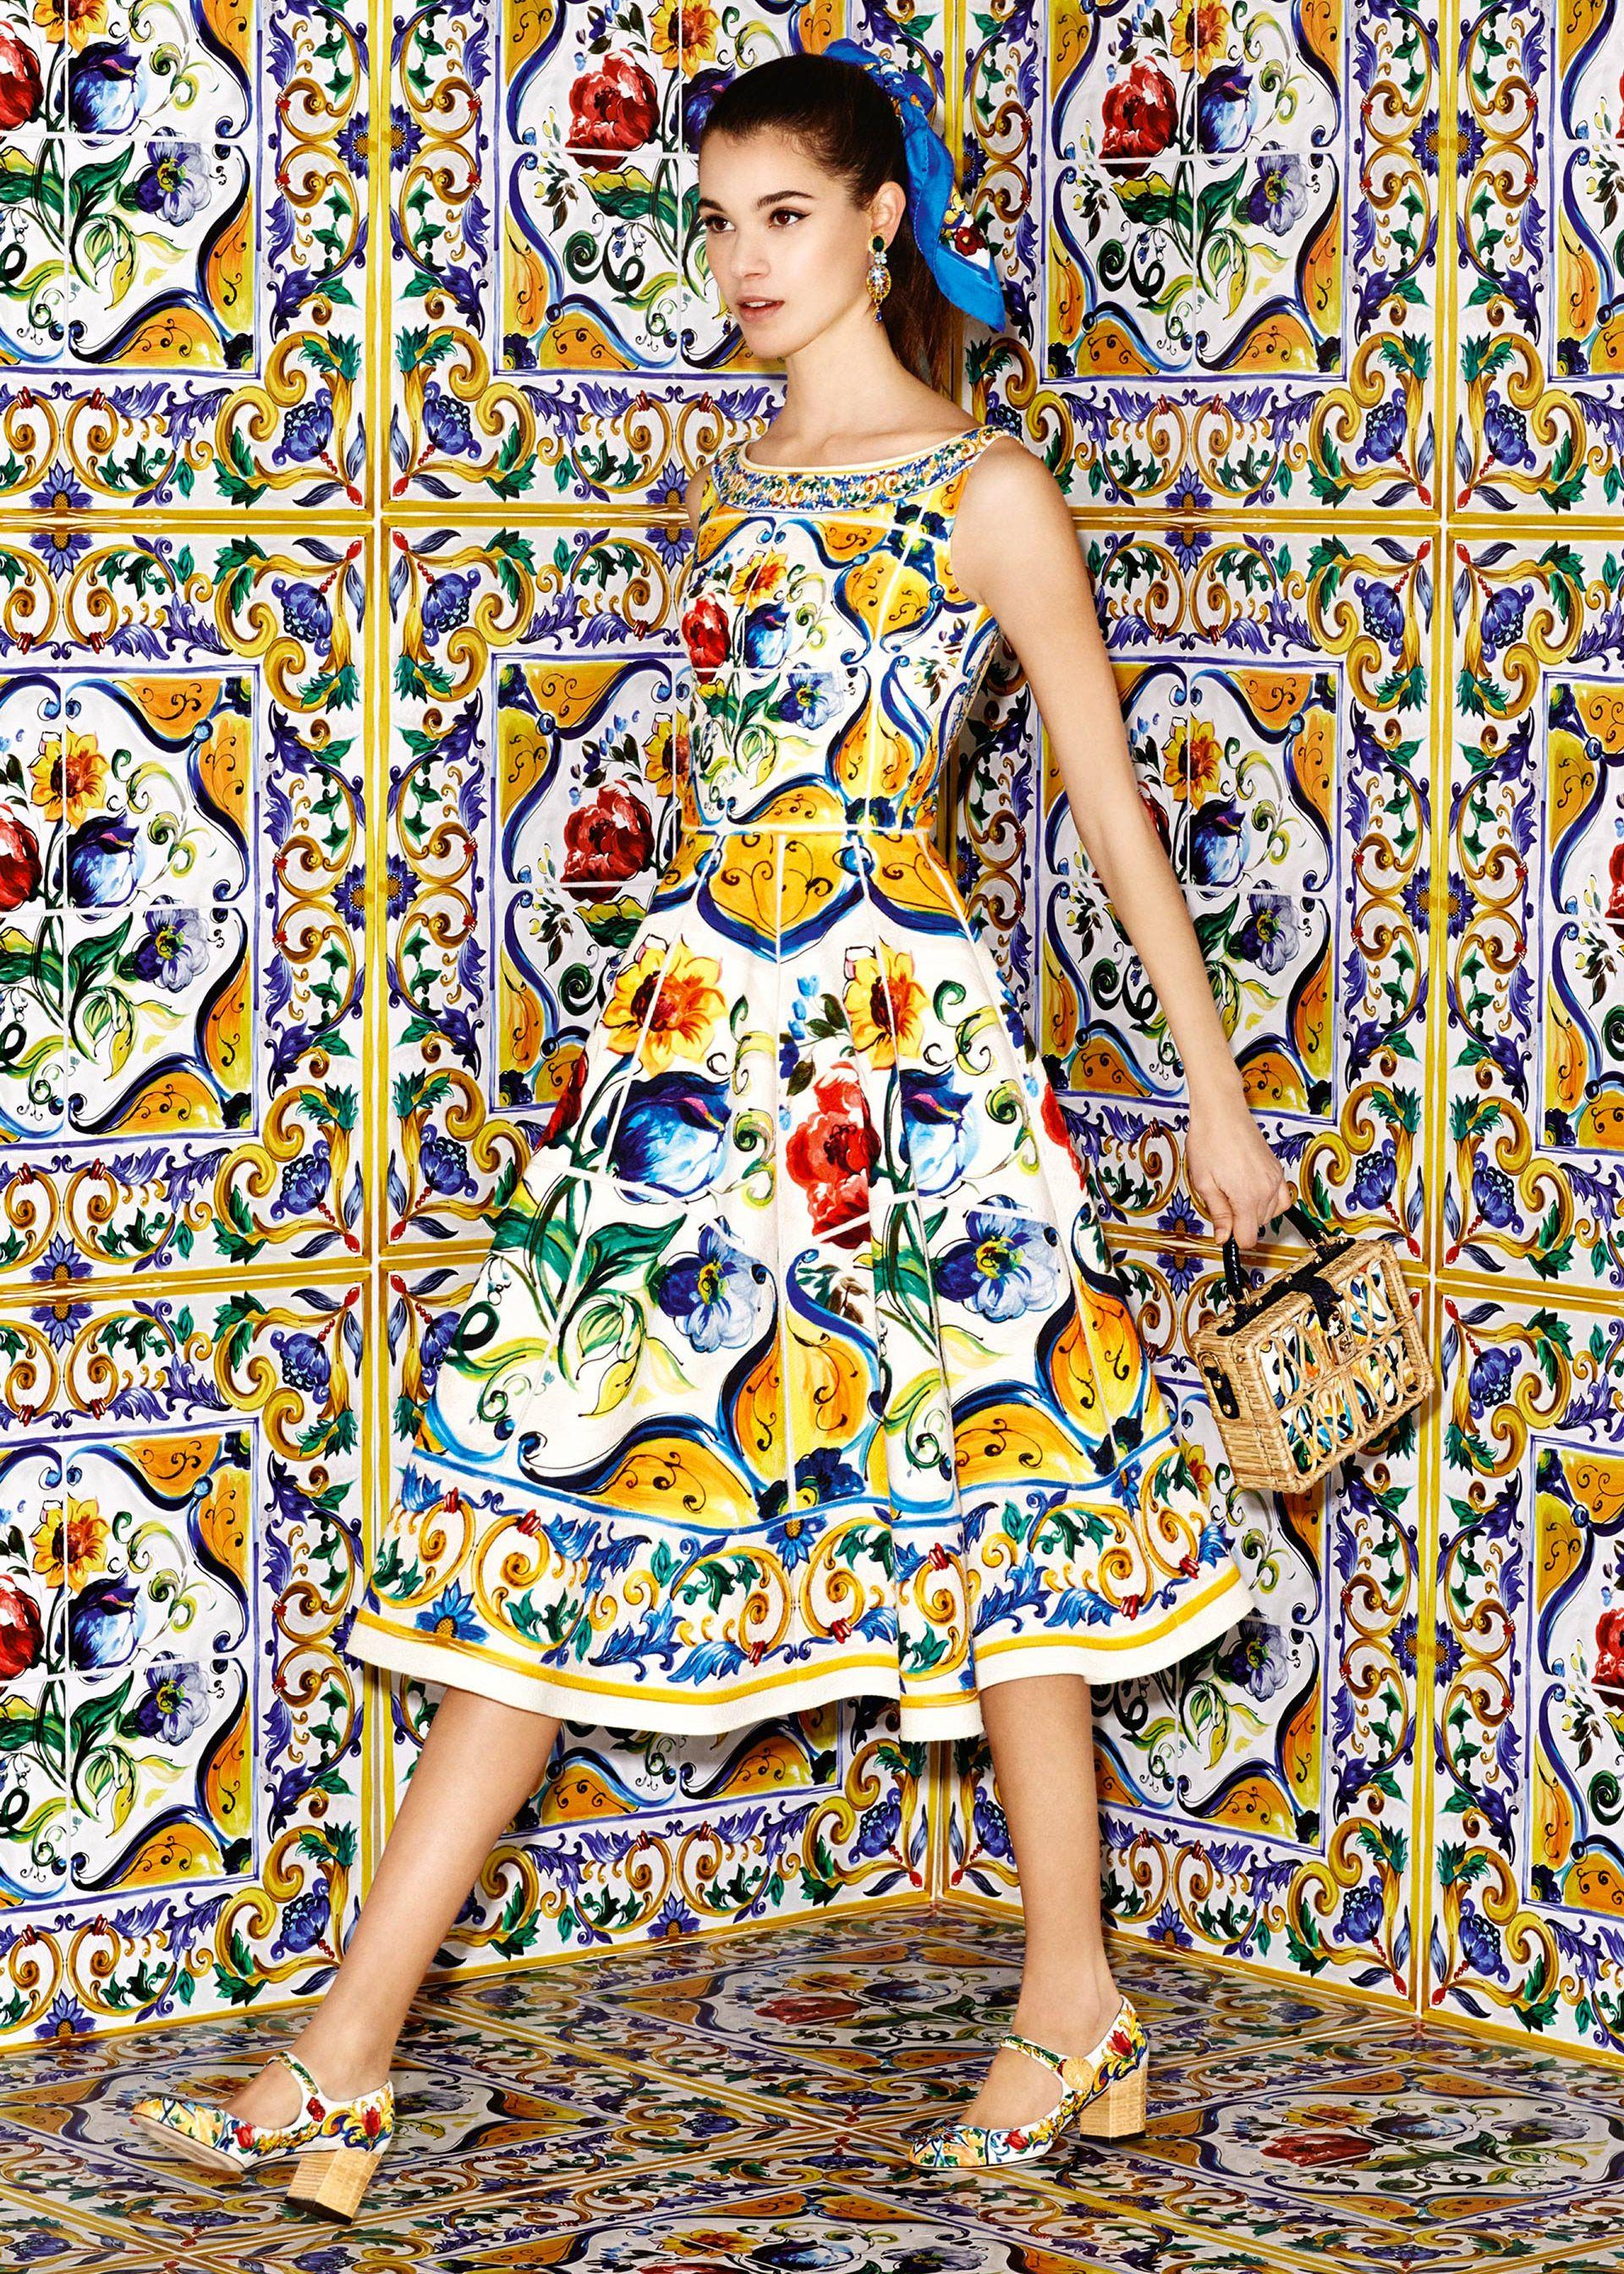 97a2060182e2 Scopri Dolce   Gabbana Collezione Donna Autunno Inverno 2016 2017 Maiolica  e lasciati ispirare.